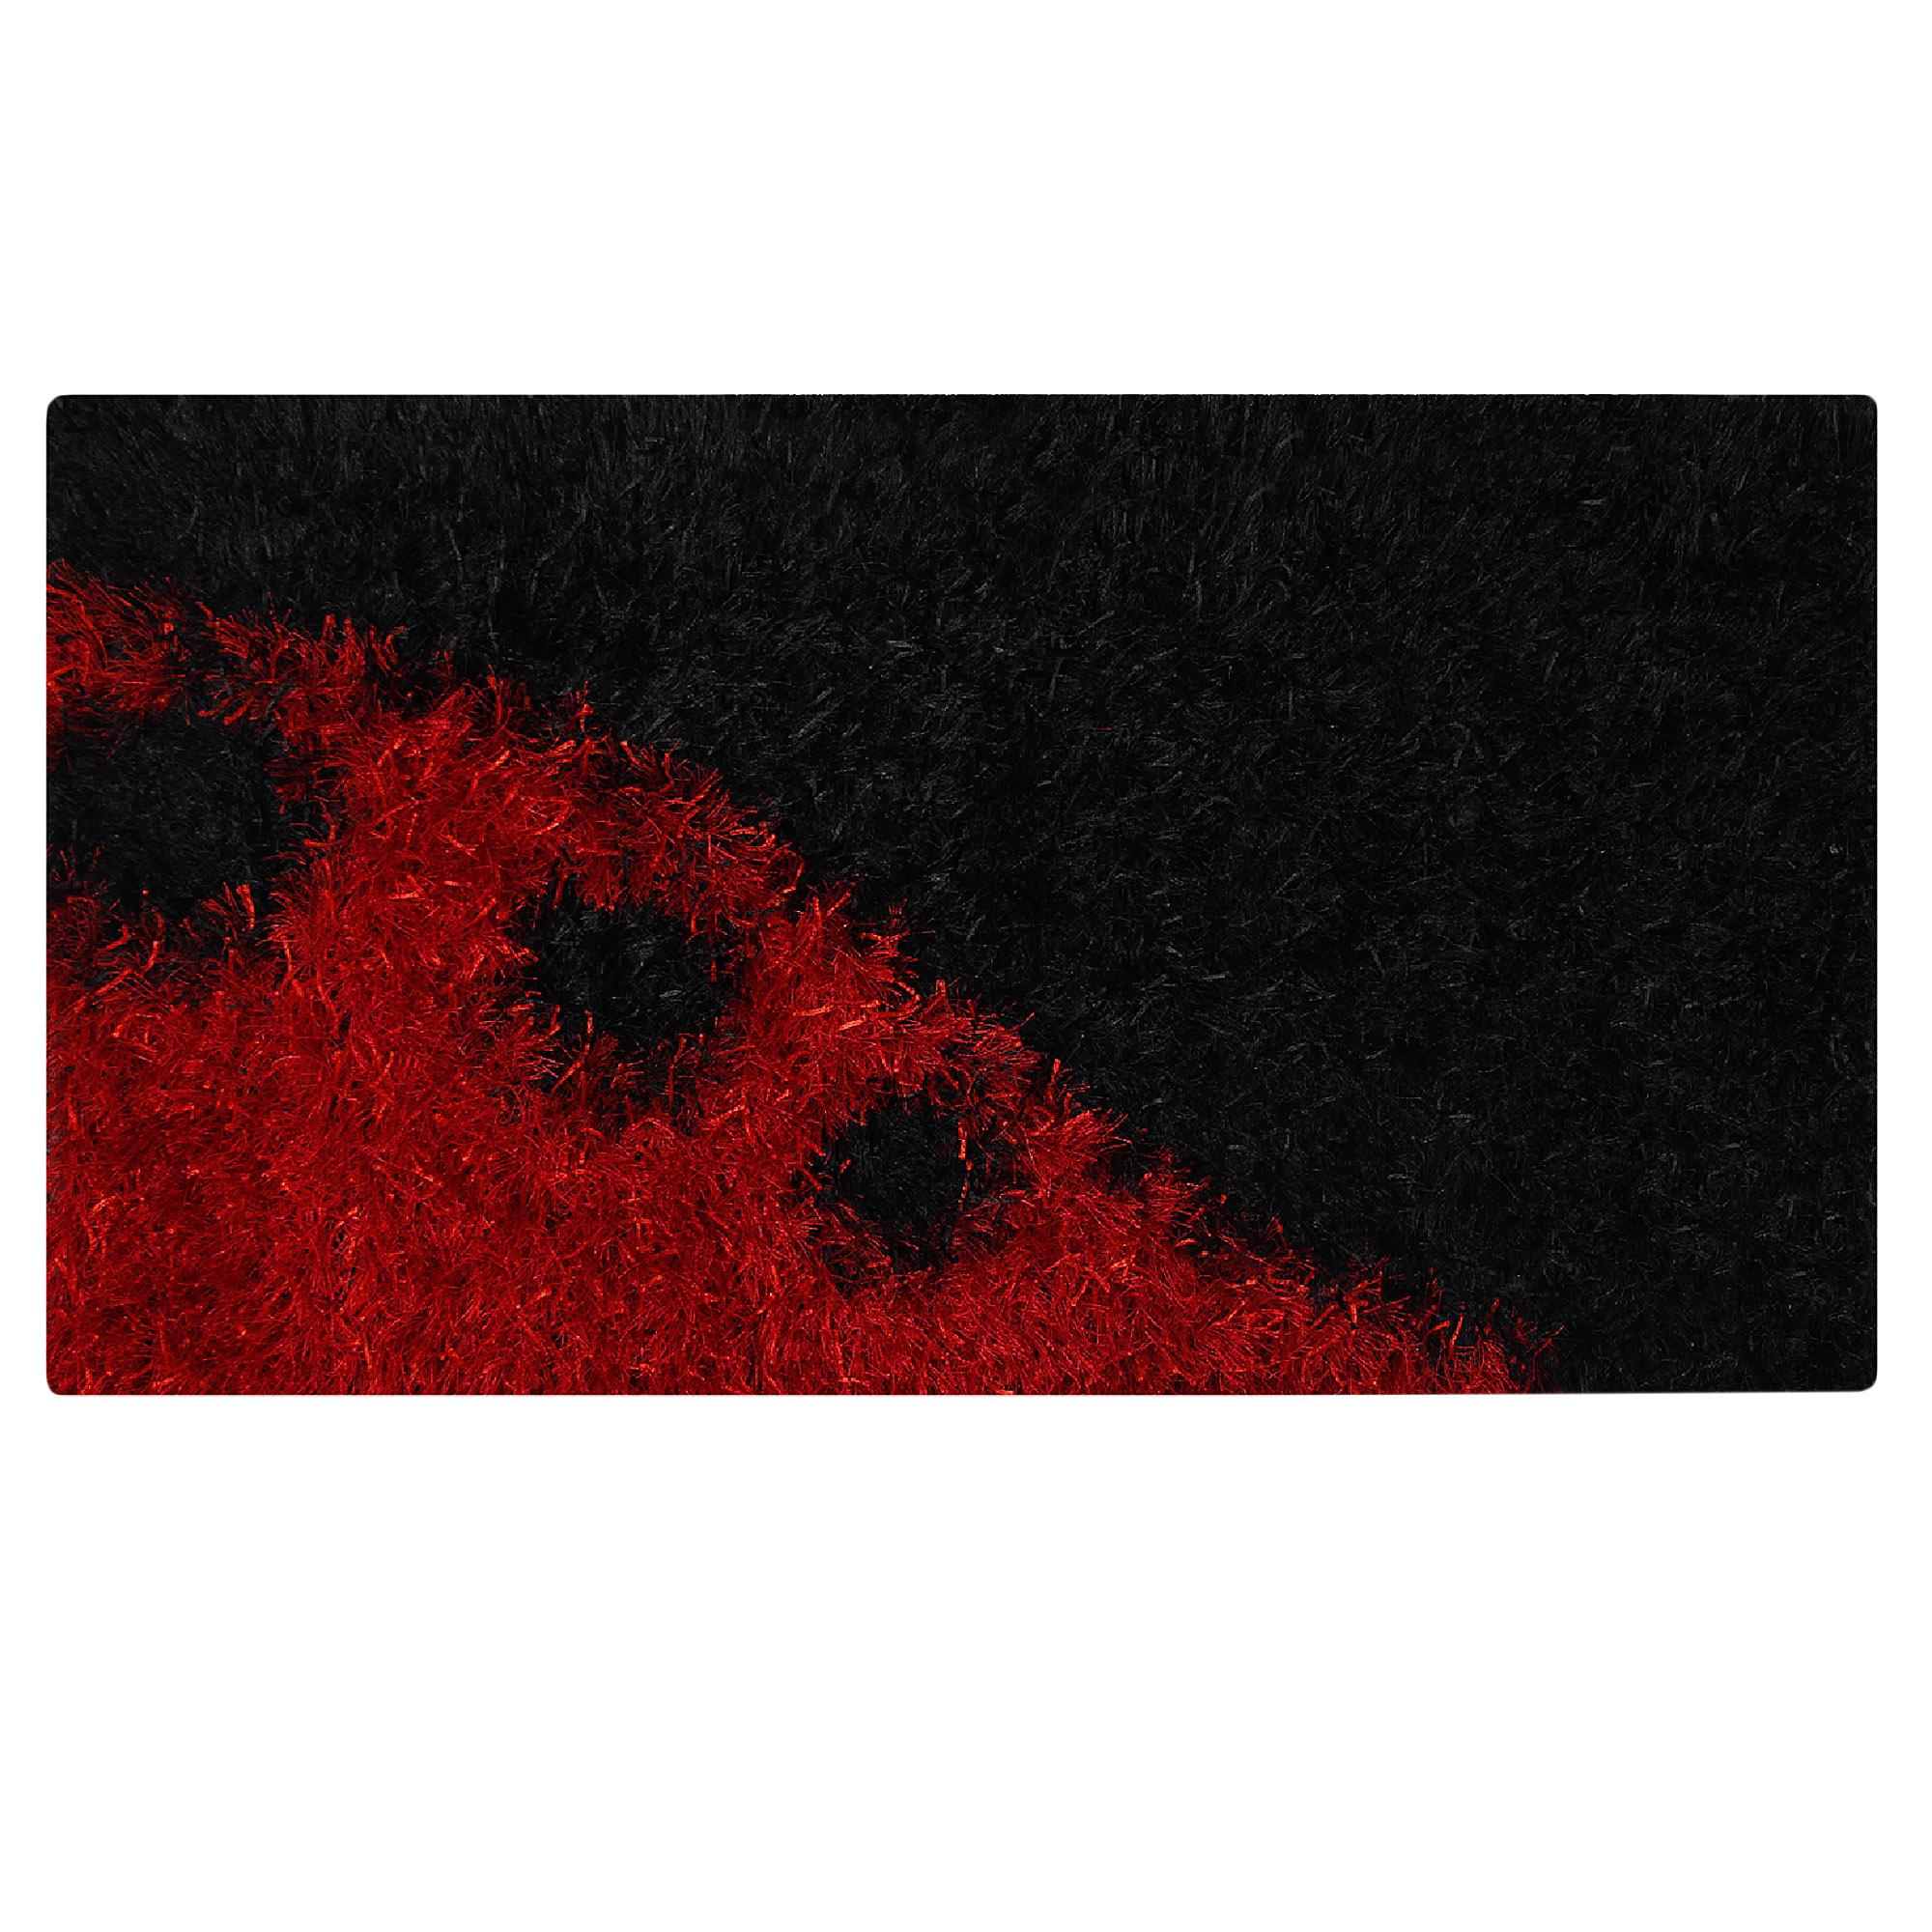 Фото - Ковёр Ковровые Галереи Шагги 110х57 см ковёр 0 6х1 1 majestic hg8644anthracitea ковровые галереи